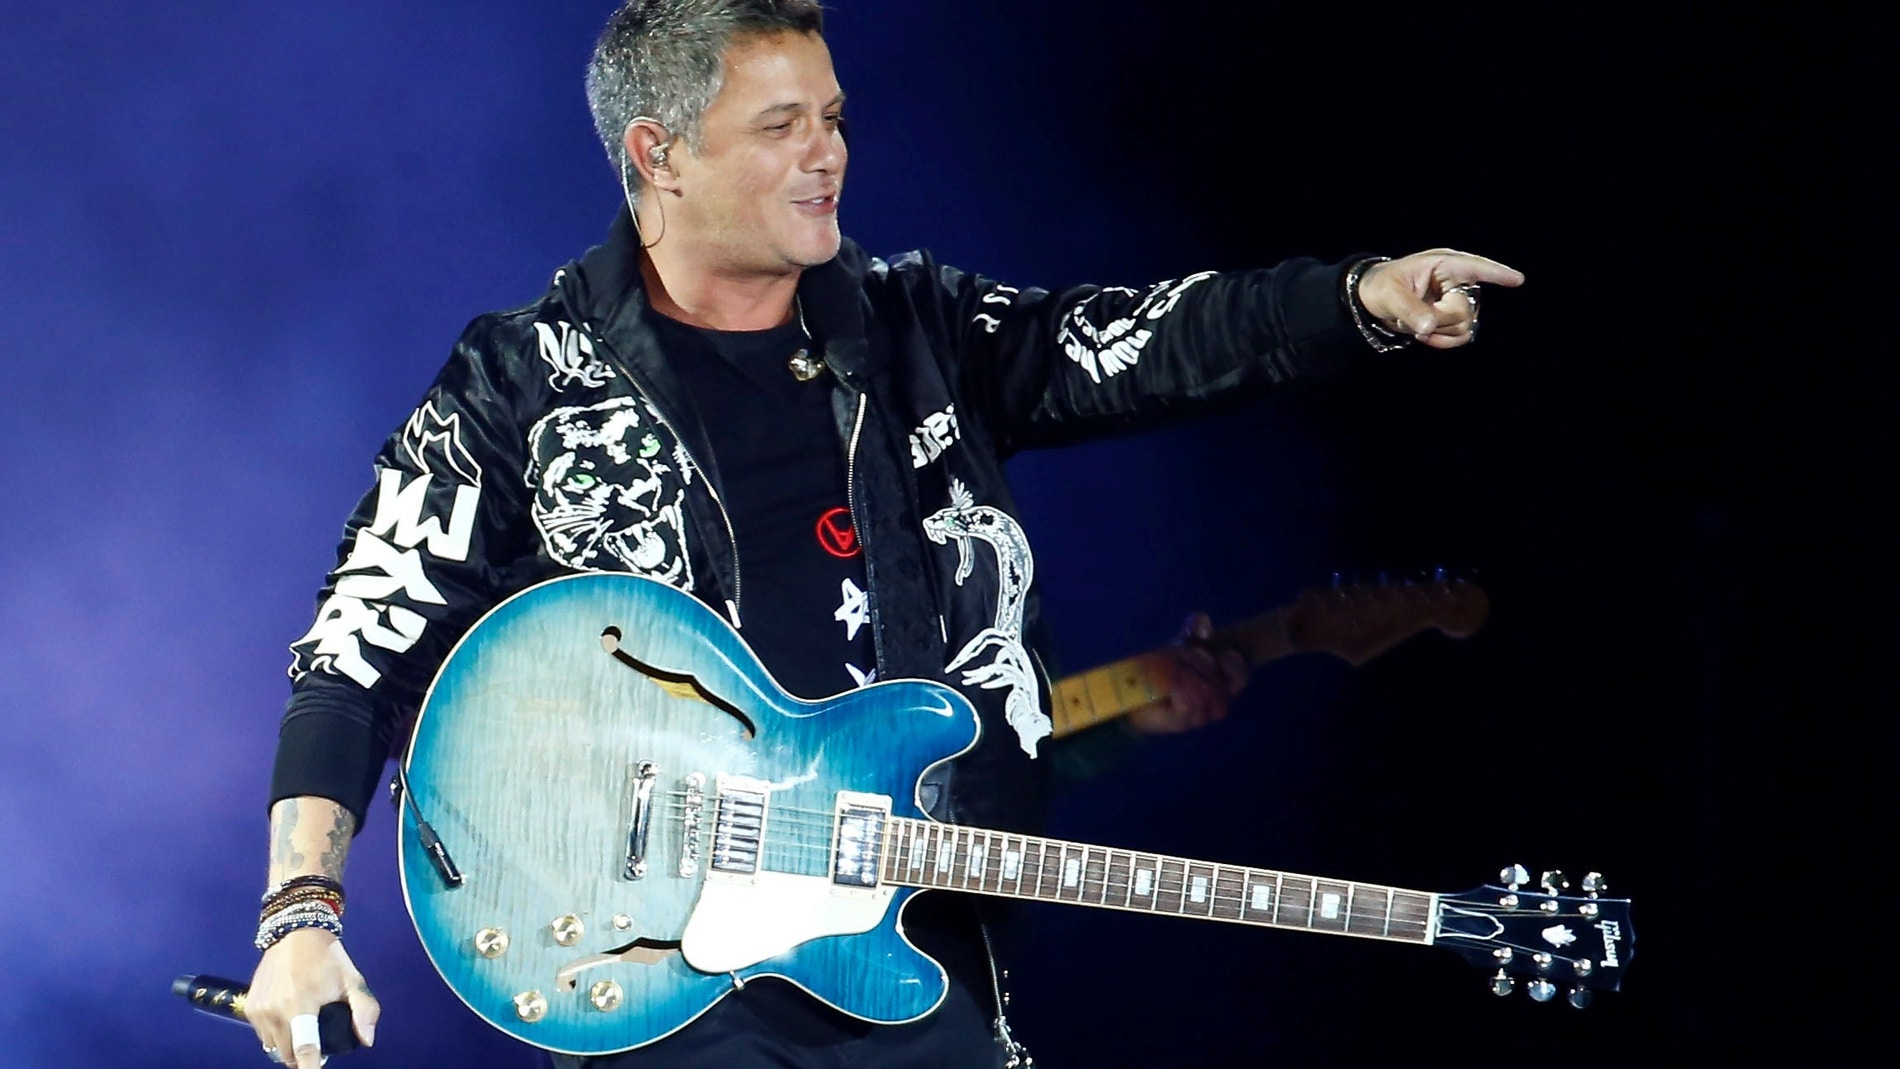 Alejandro Sanz durante el concierto que ha ofrecido en RCDE Stadium del Prat de Llobregat, en Barcelona.